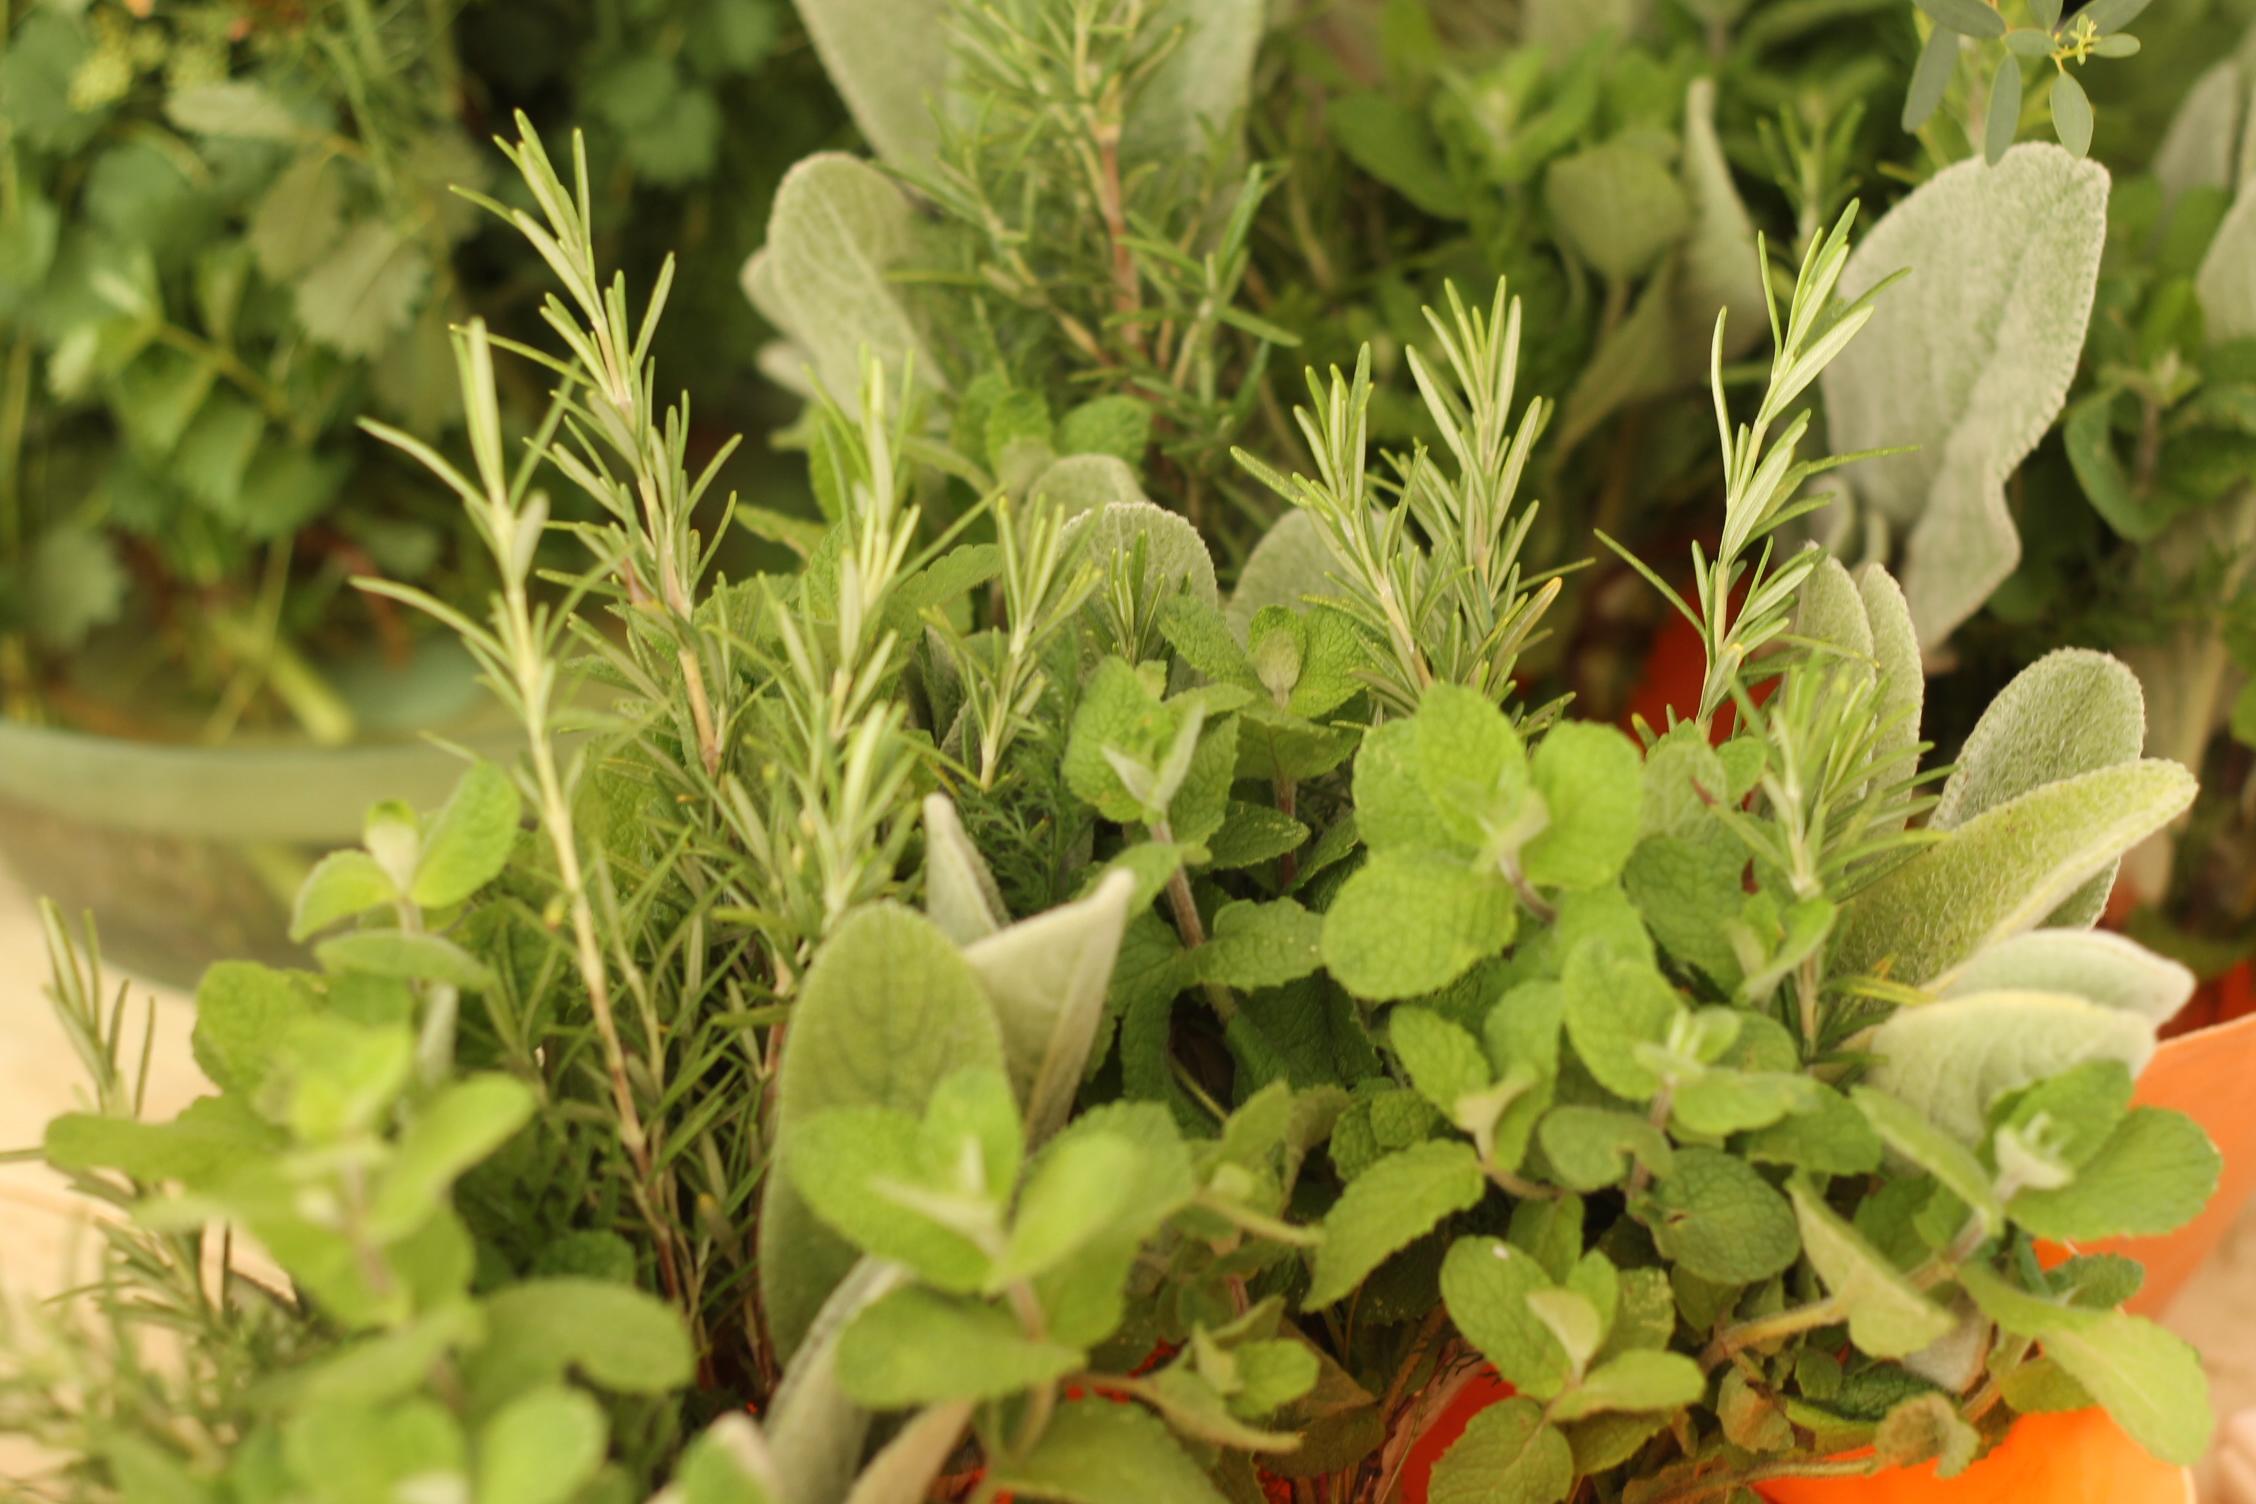 ハーブを「植える」+「育てる」+「使う」+「飲む食べる」方法を学ぶ講座@熊谷